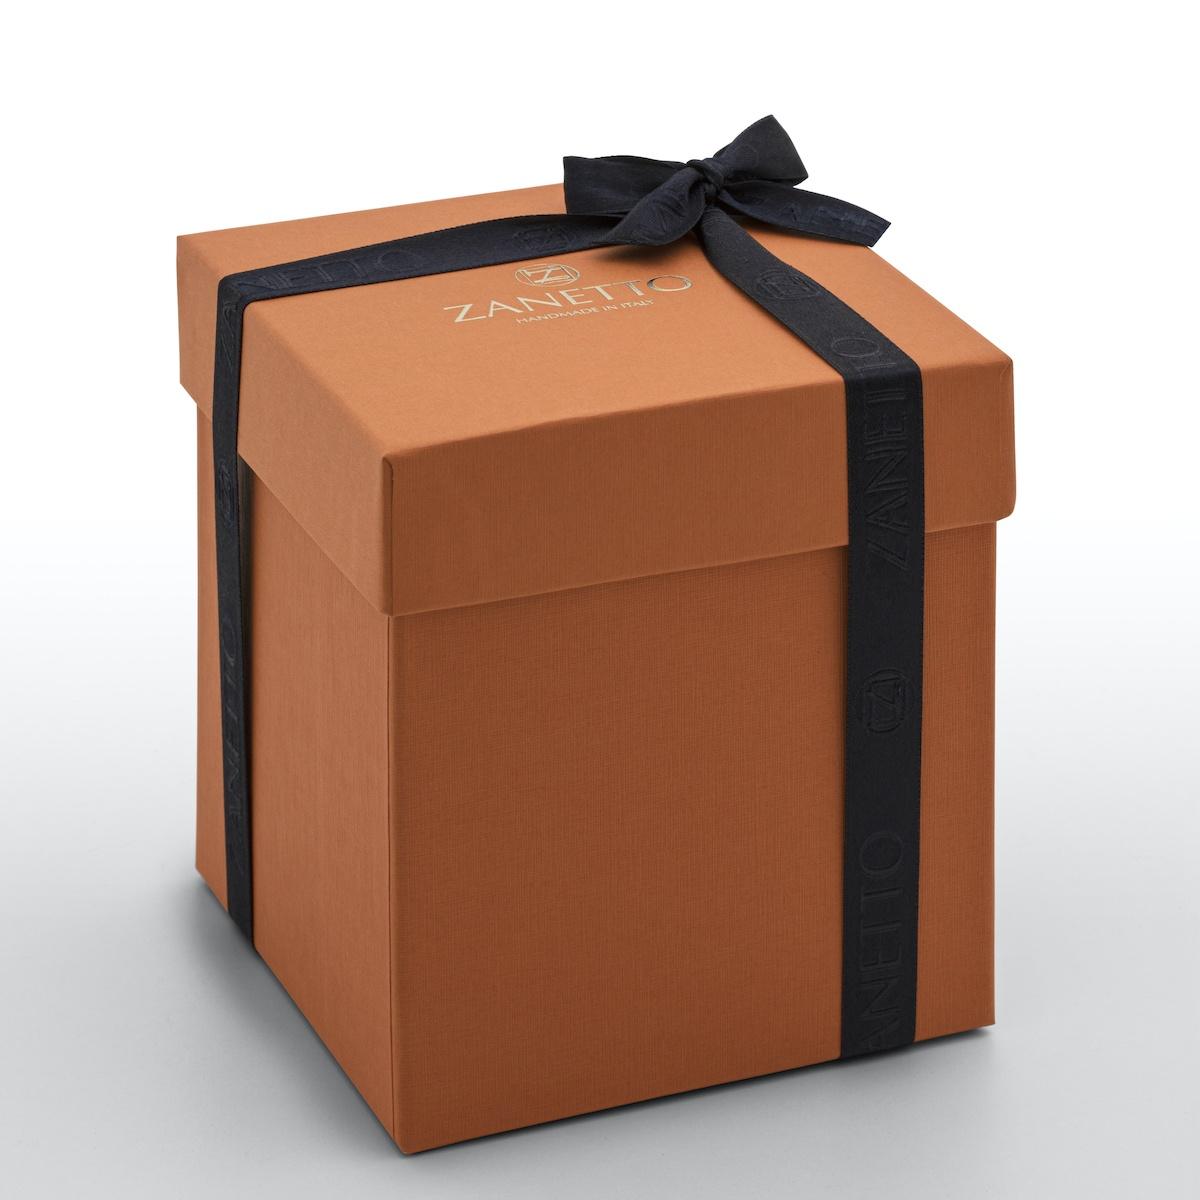 zanetto-gift-box-wrap